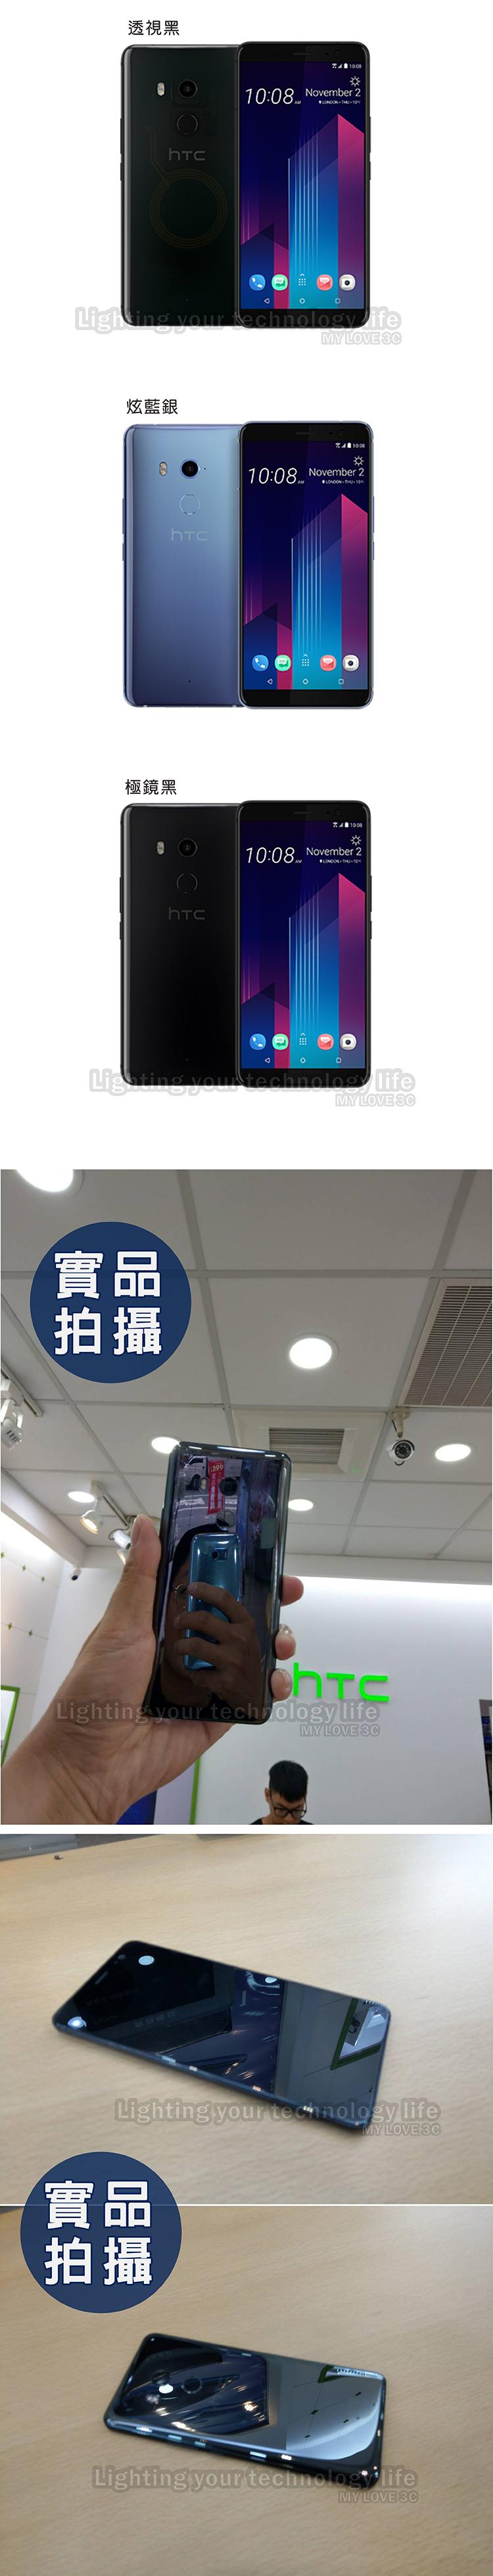 HTC U11+ 實機